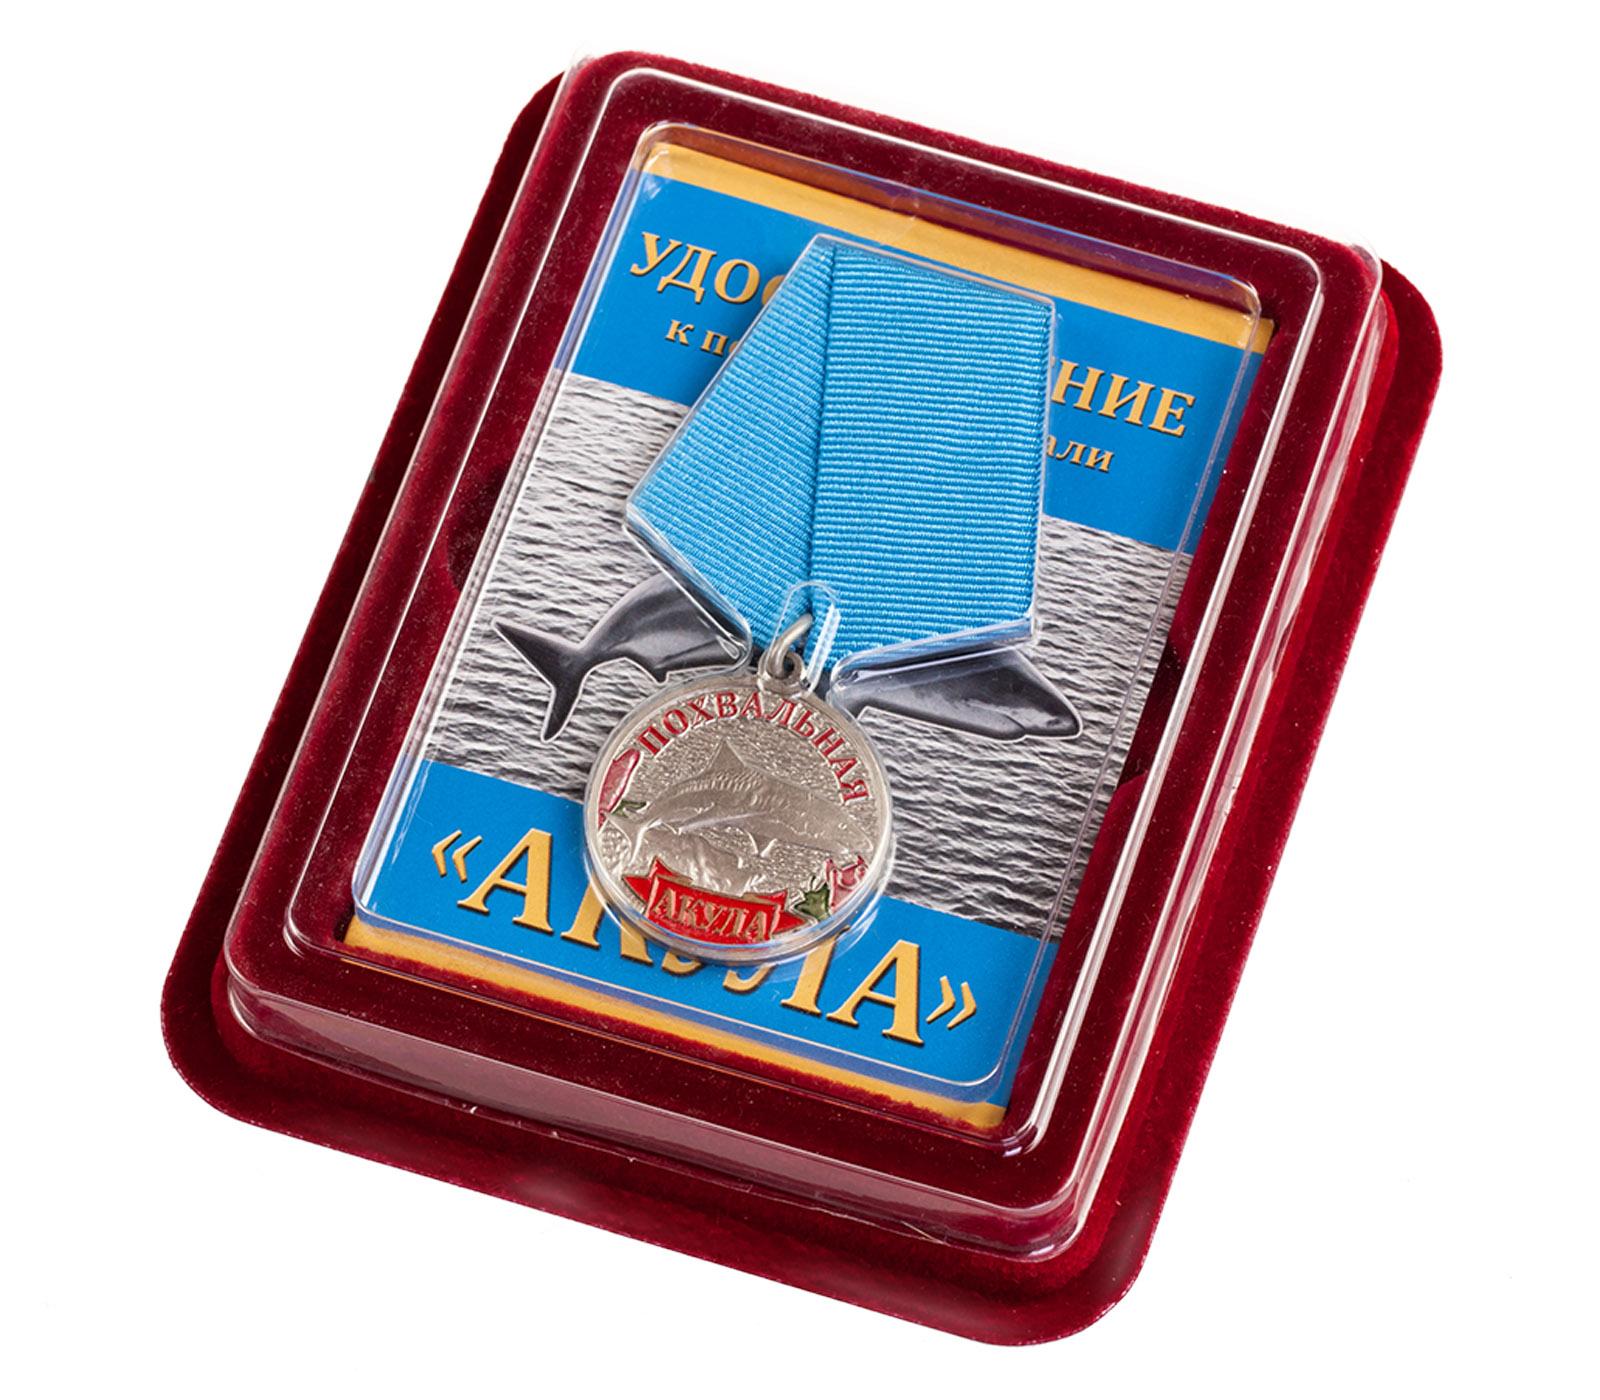 """Похвальная медаль рыбака """"Акула"""" в бархатистом футляре из флока"""